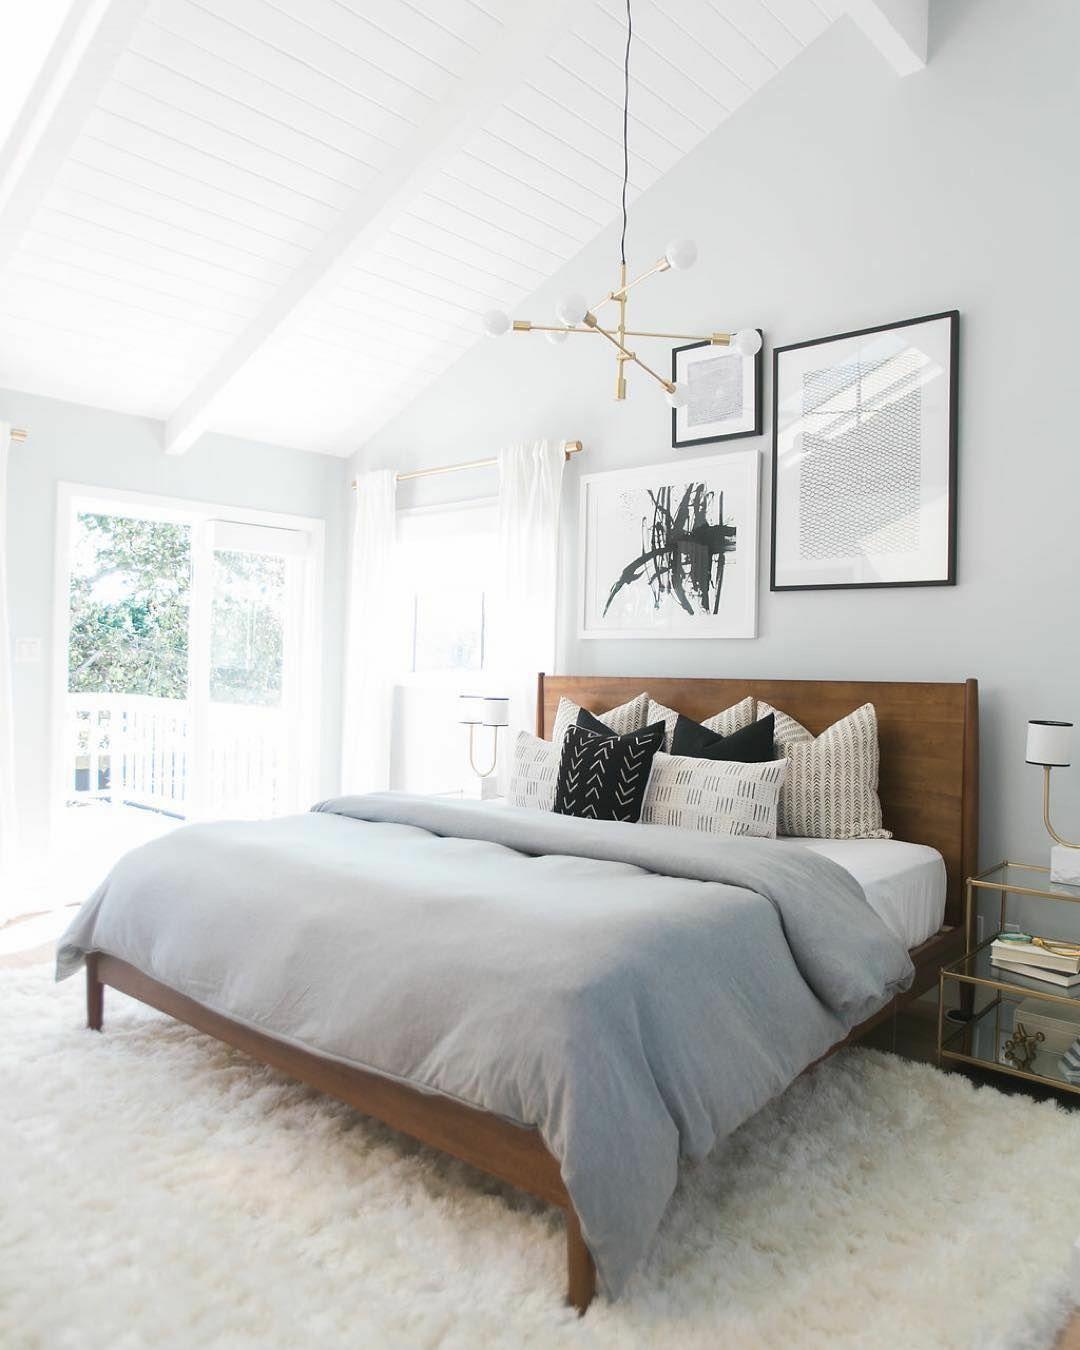 Pin by danièle on pour faire de doux rêves pinterest bedrooms